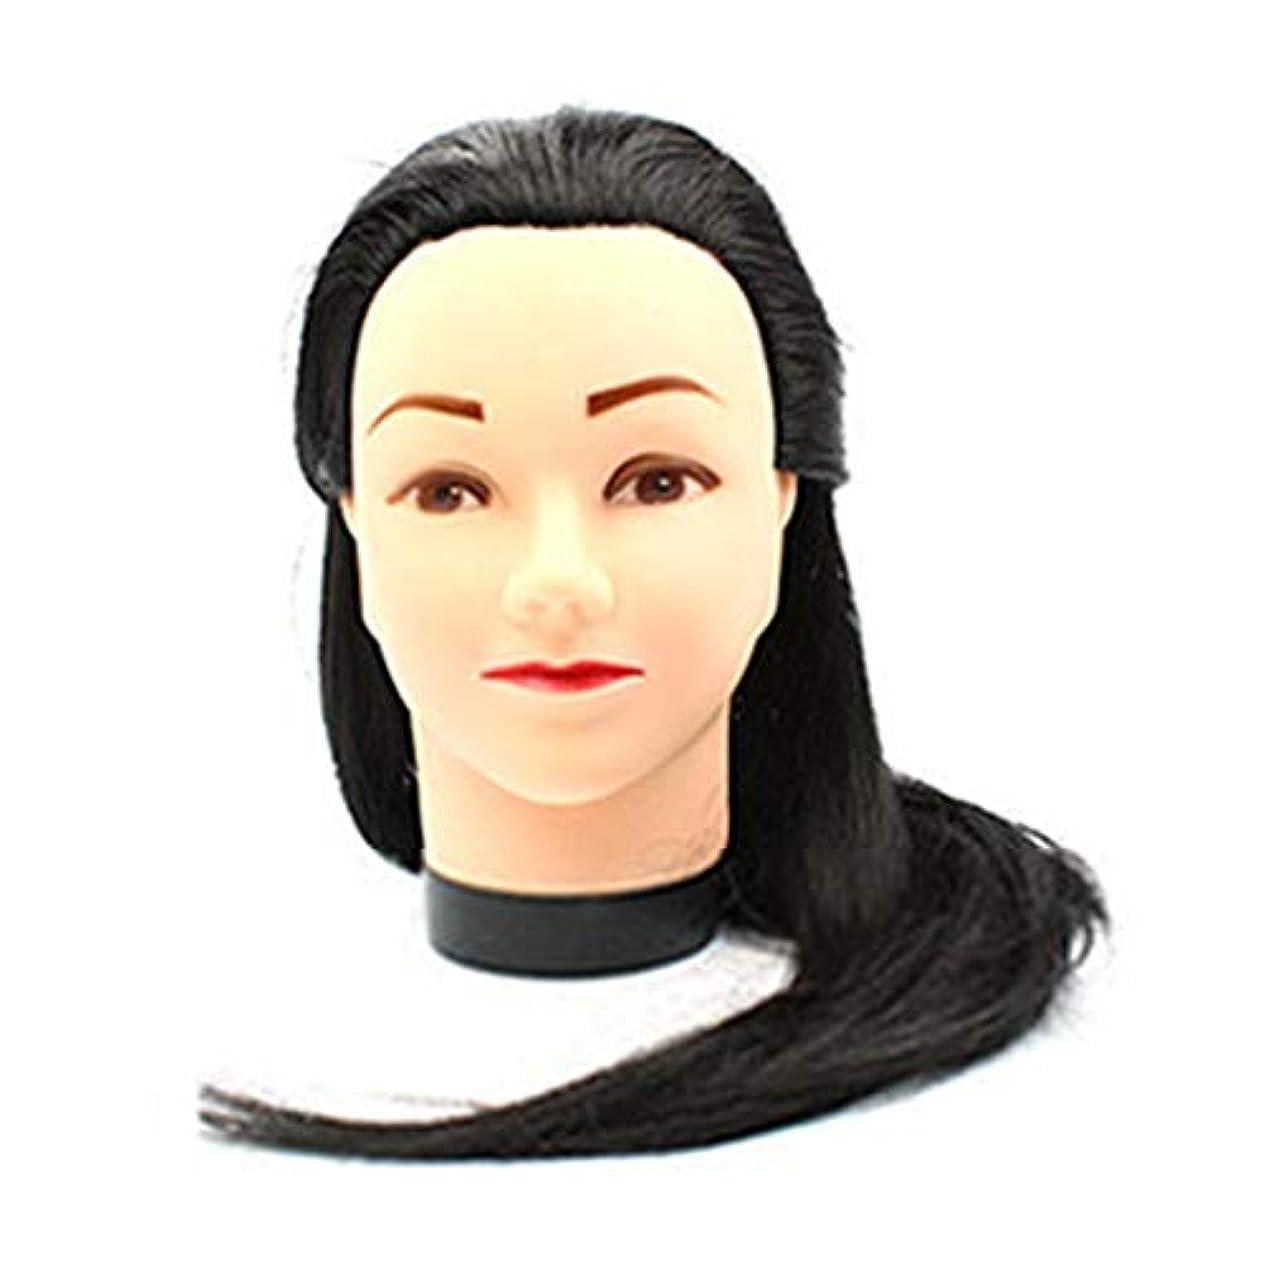 聖書休眠リズム低温繊維かつらヘッドモールドメイクヘアスタイリングヘッドヘアーサロントレーニング学習ヘアカットデュアルユースダミー人間の頭